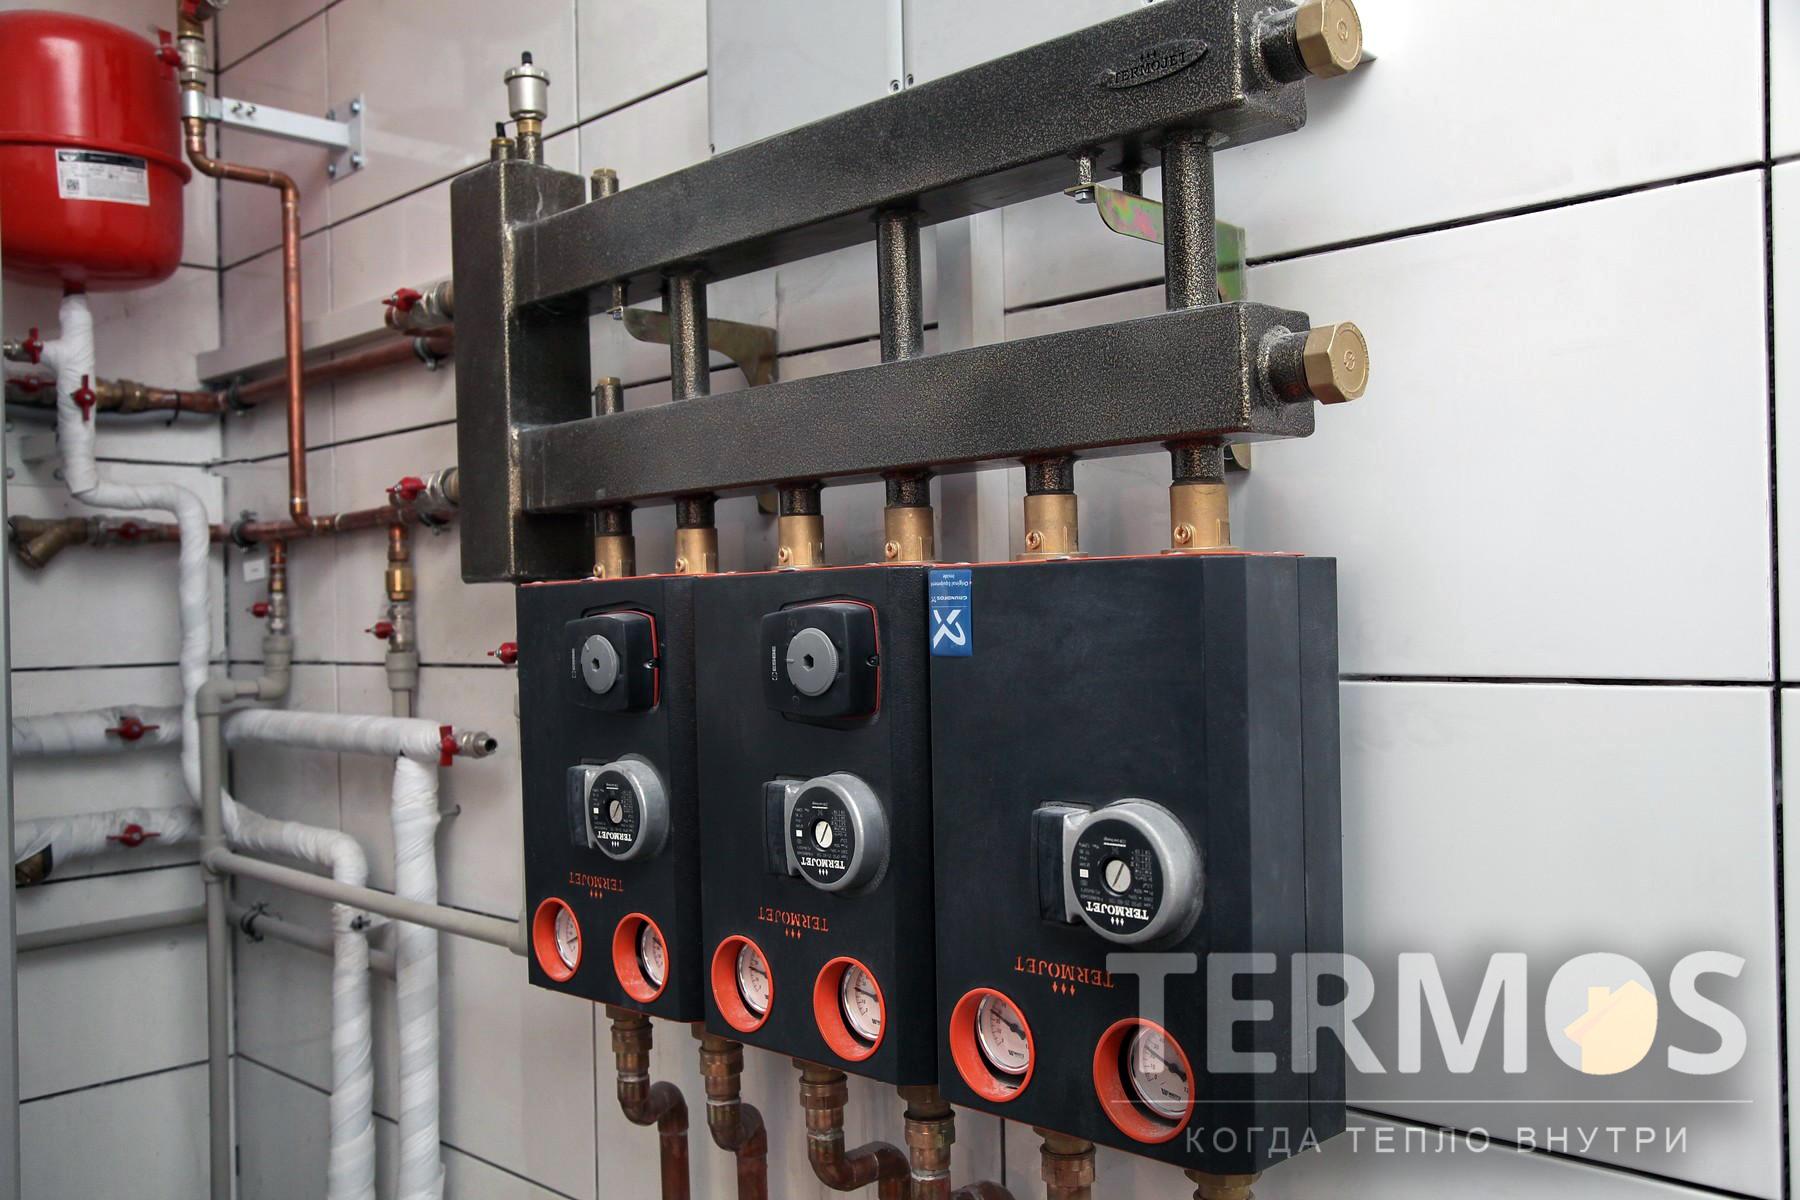 Функции: отопление основного дома радиаторами и  теплым полом, отопление отдельно стоящей бани, приготовление горячей воды, управление через интернет.